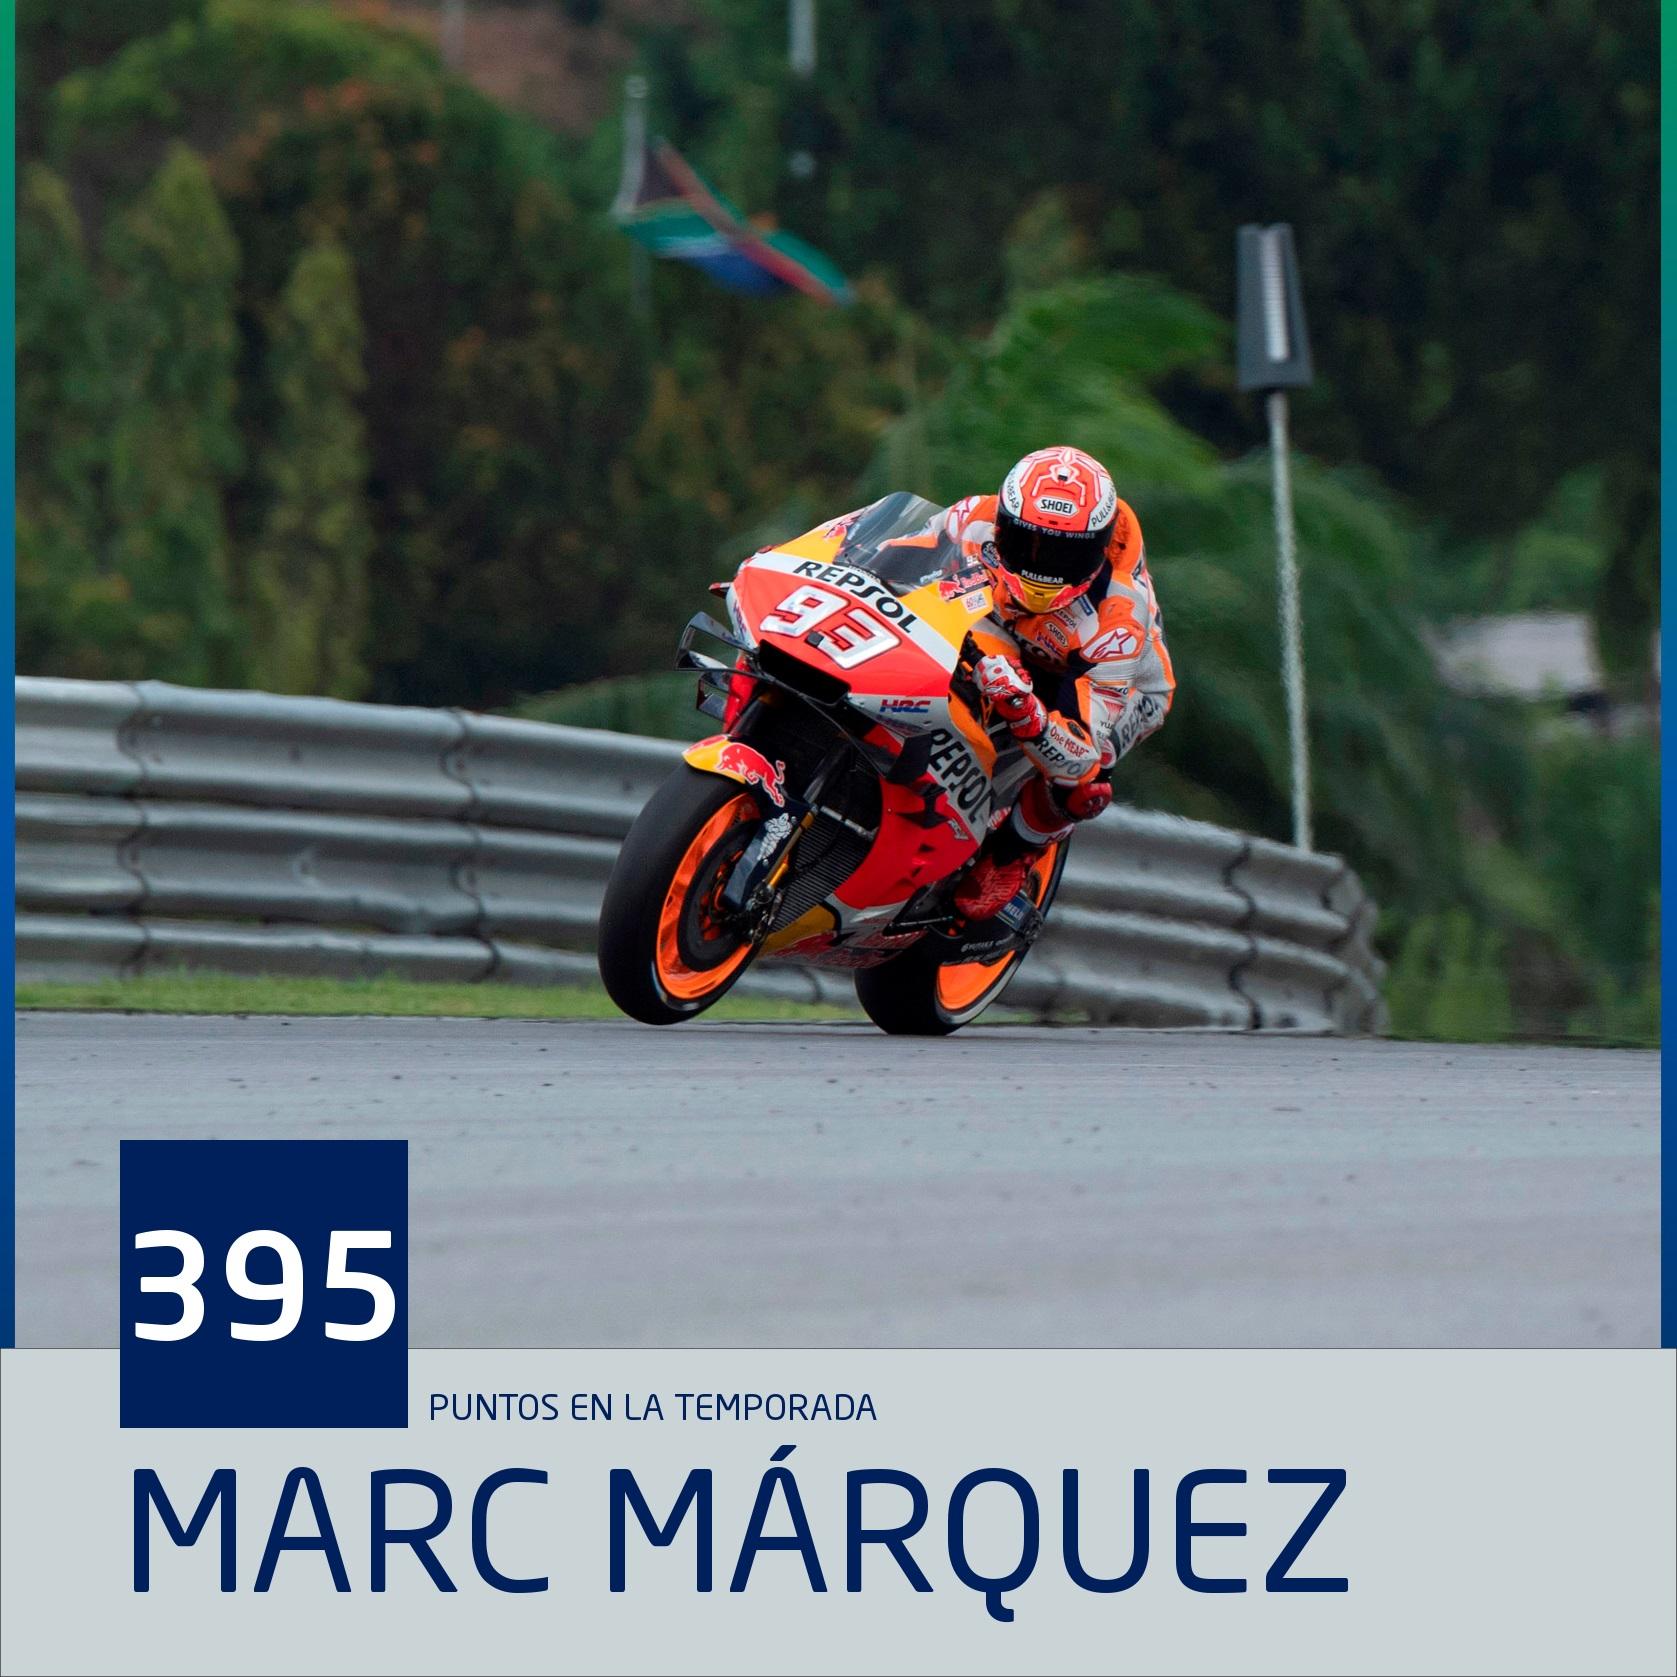 Marc Marquez stat